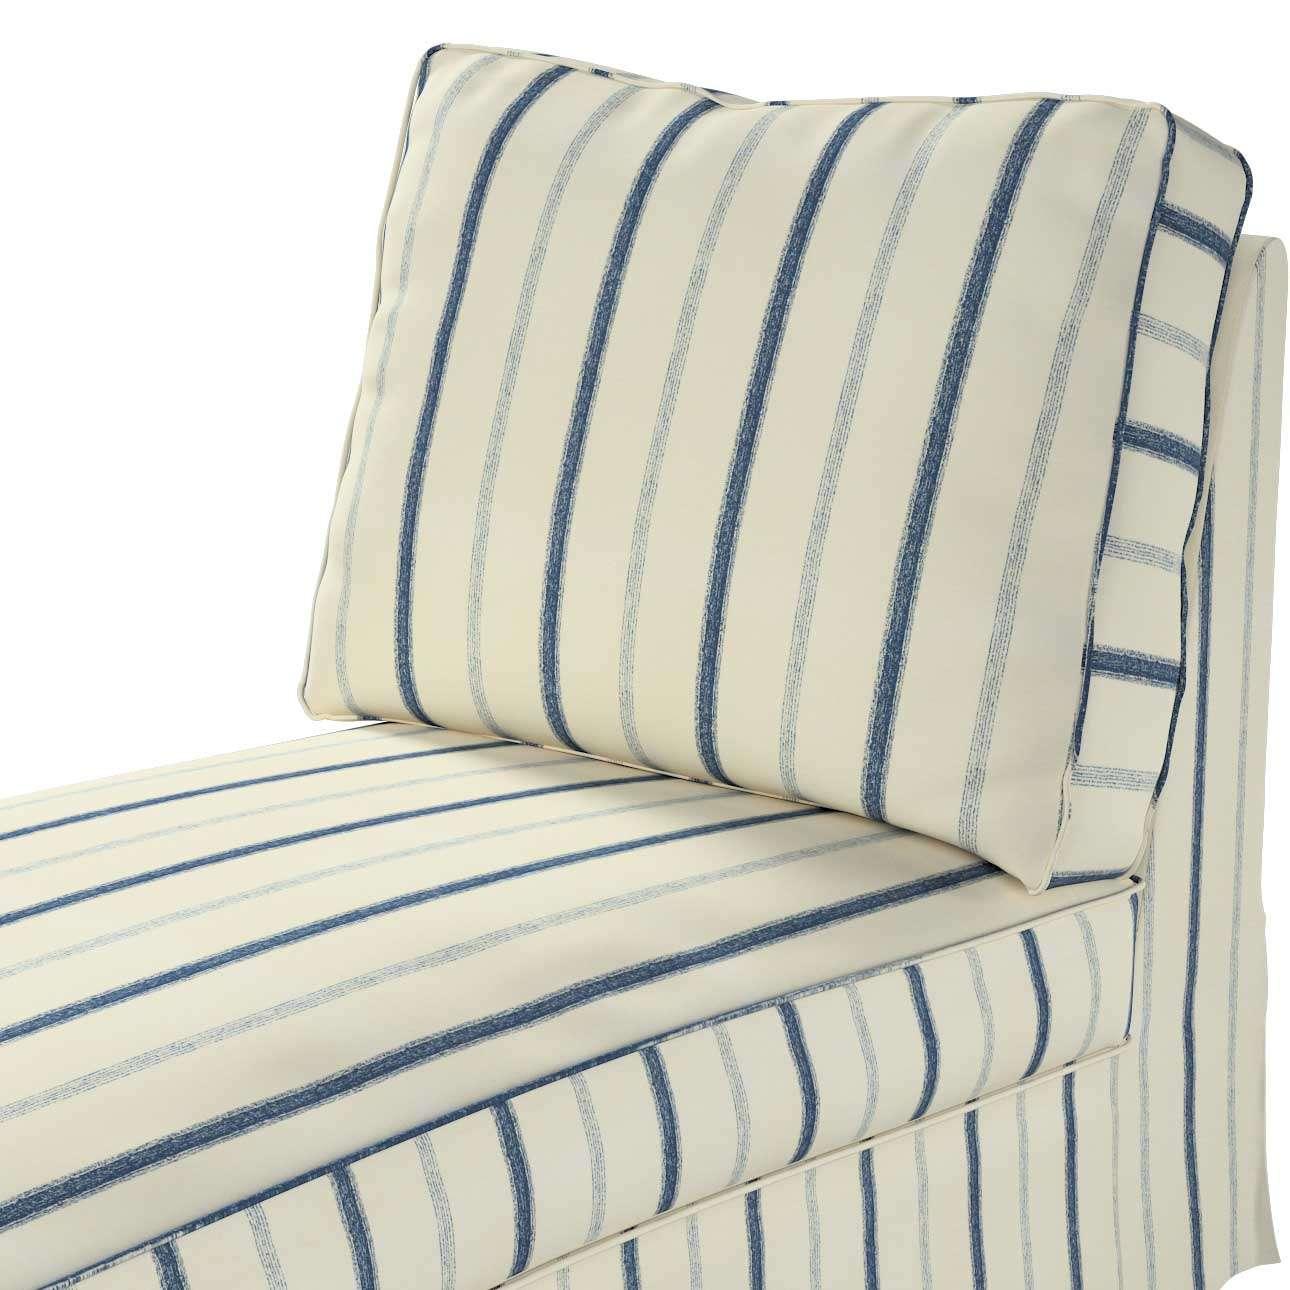 Pokrowiec na szezlong/ leżankę Ektorp wolnostojący prosty tył w kolekcji Avinon, tkanina: 129-66